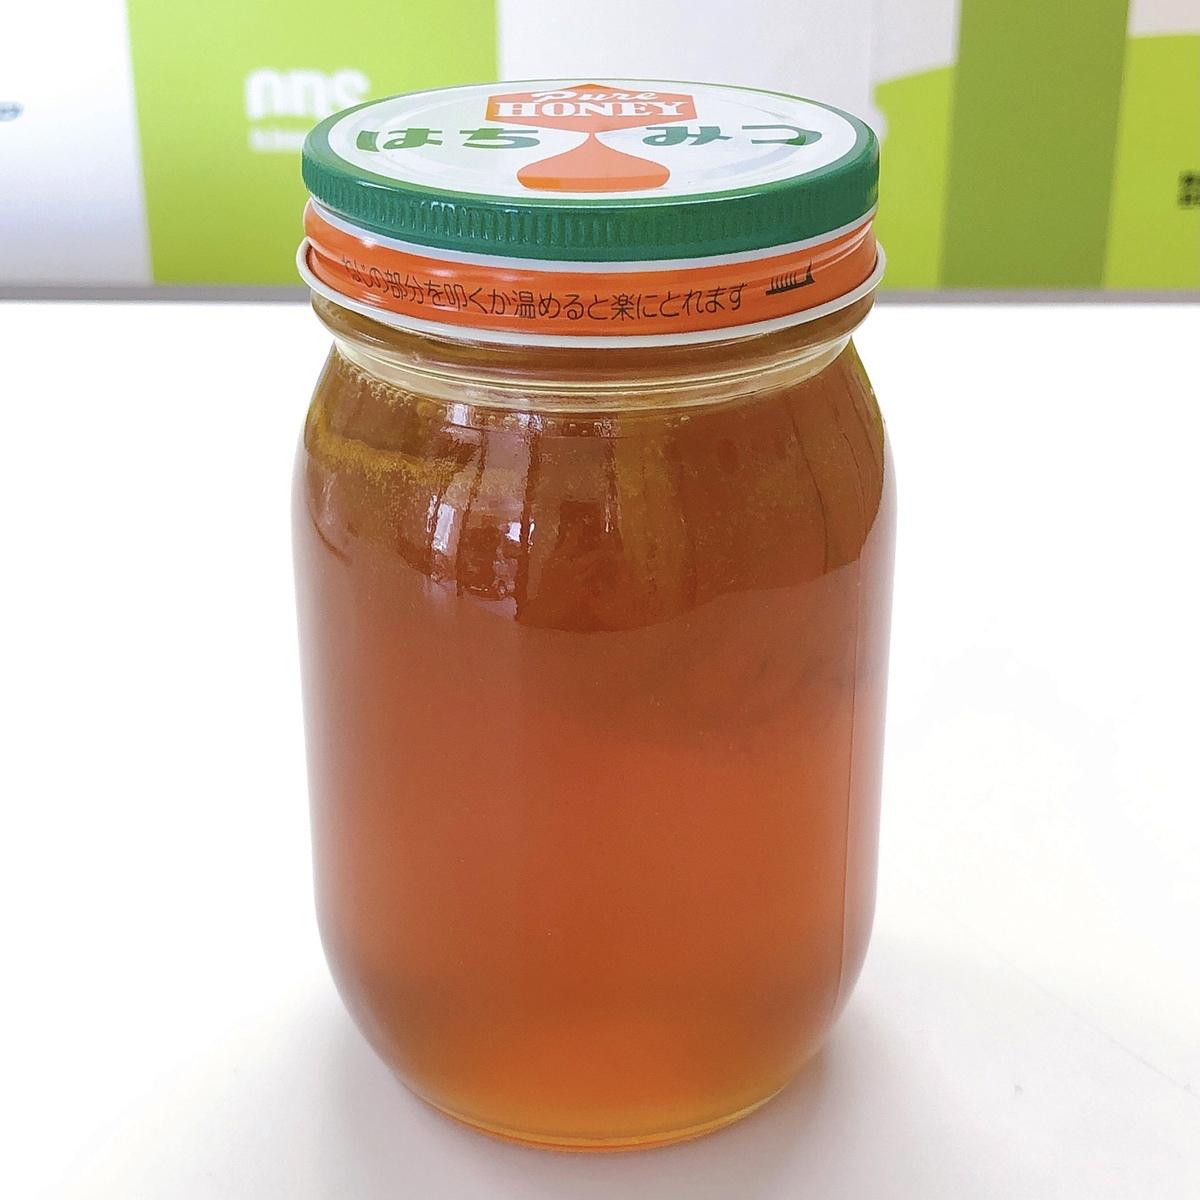 瓶に納めたハチミツの写真